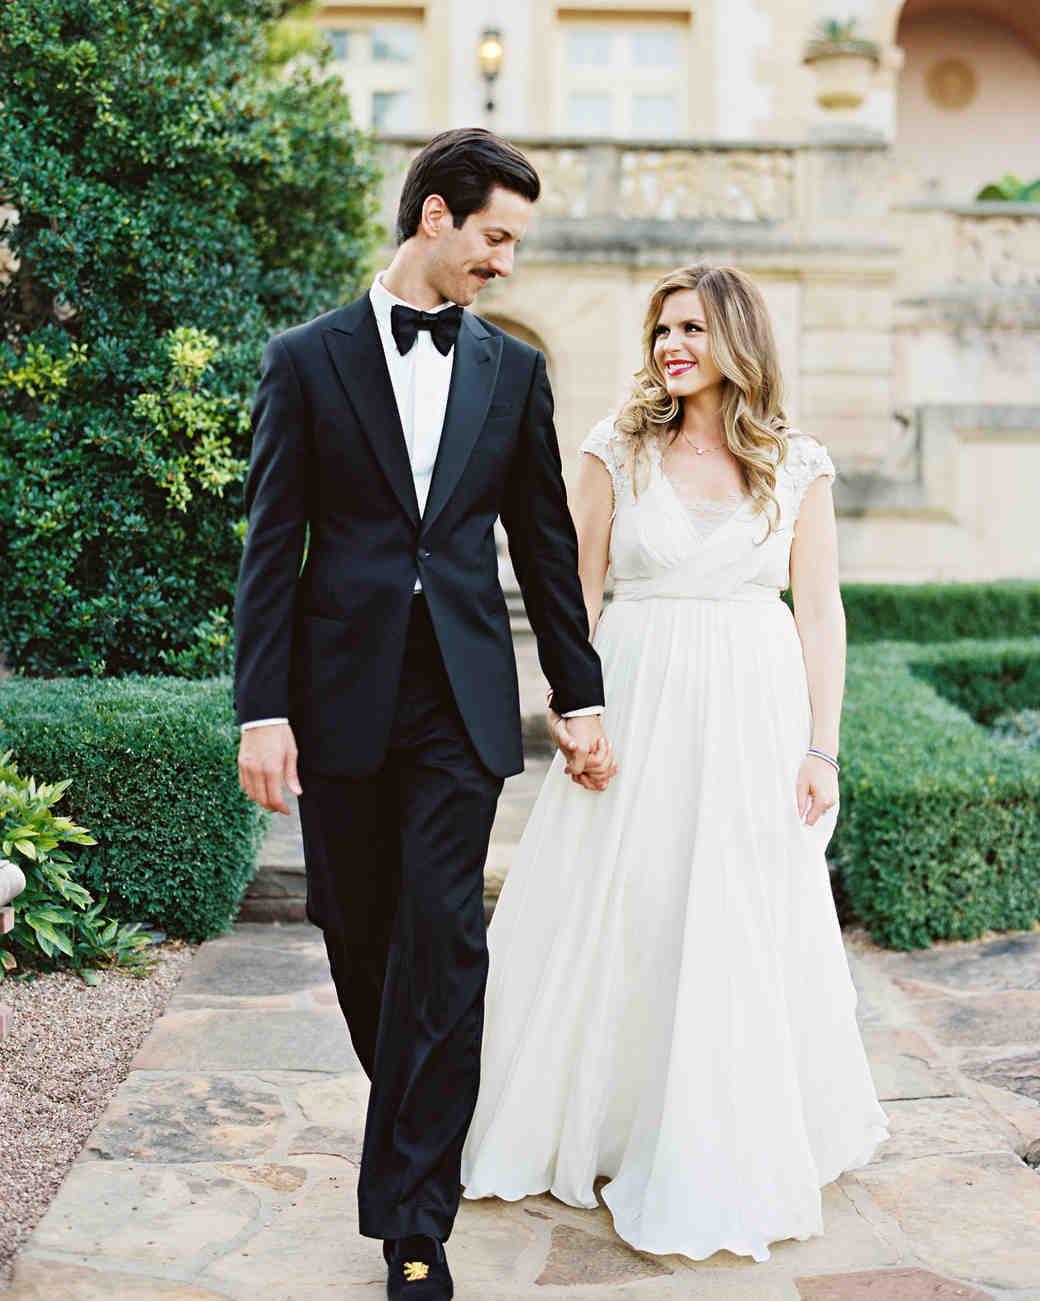 katty-chris-wedding-tulsa-oklahoma-w631-s112049.jpg